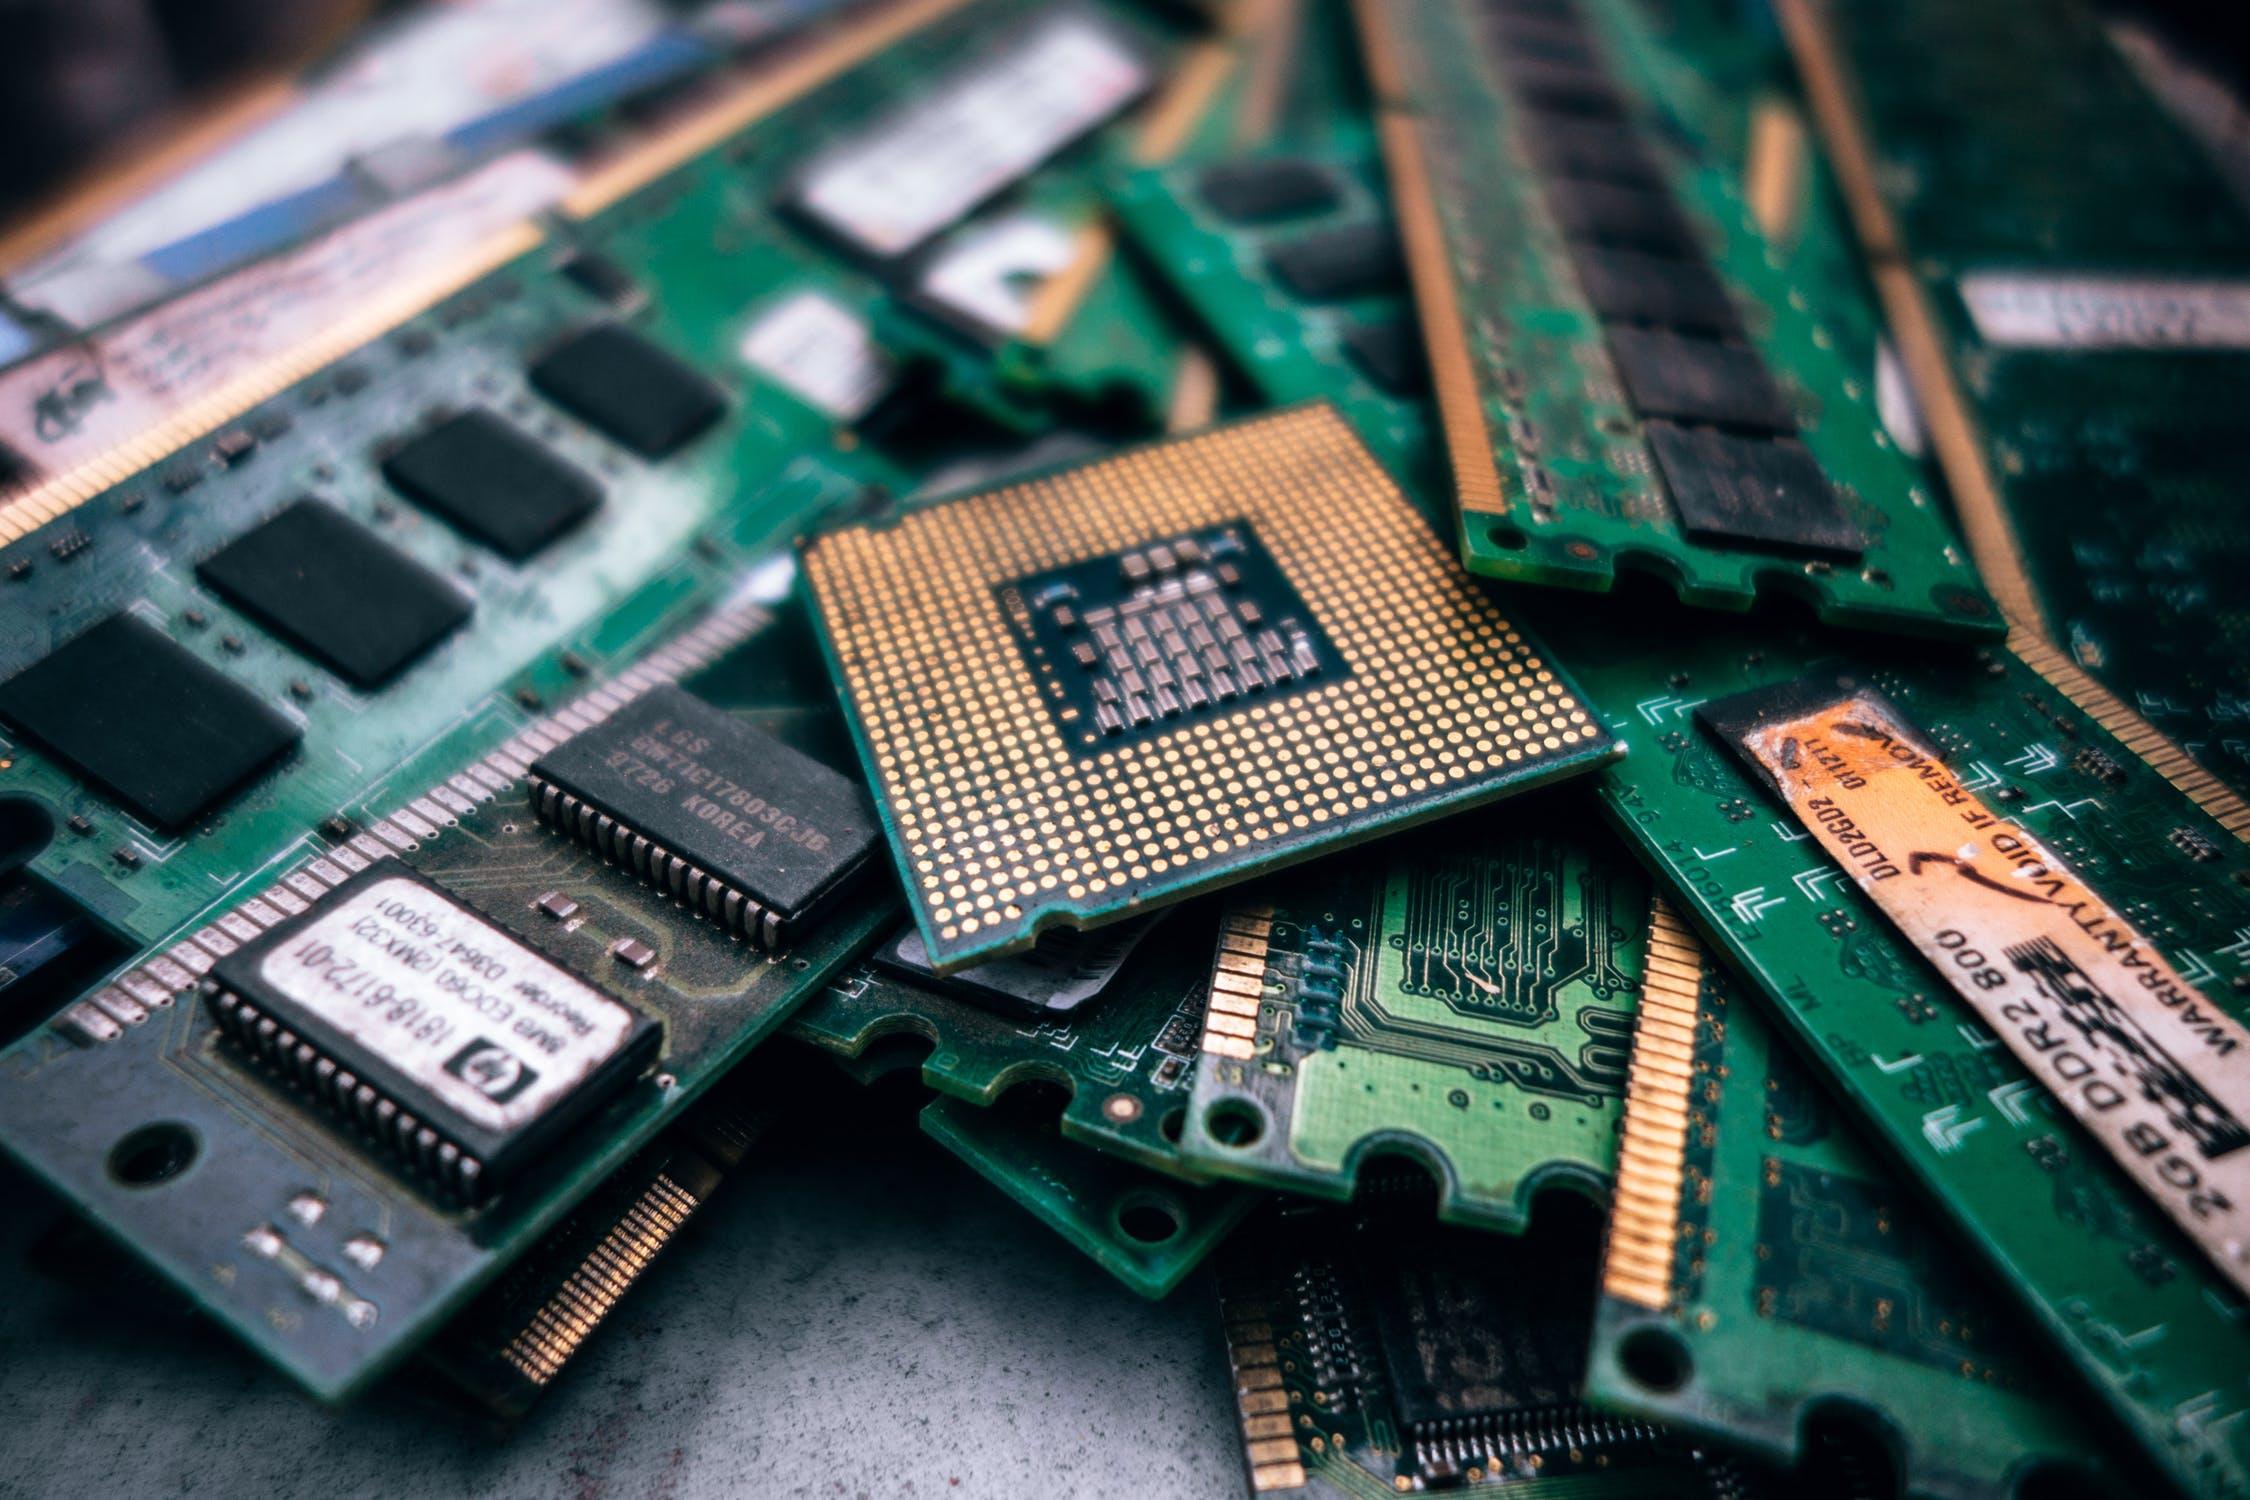 Dei processori, utensili da lavoro per maker e artigiani digitali.